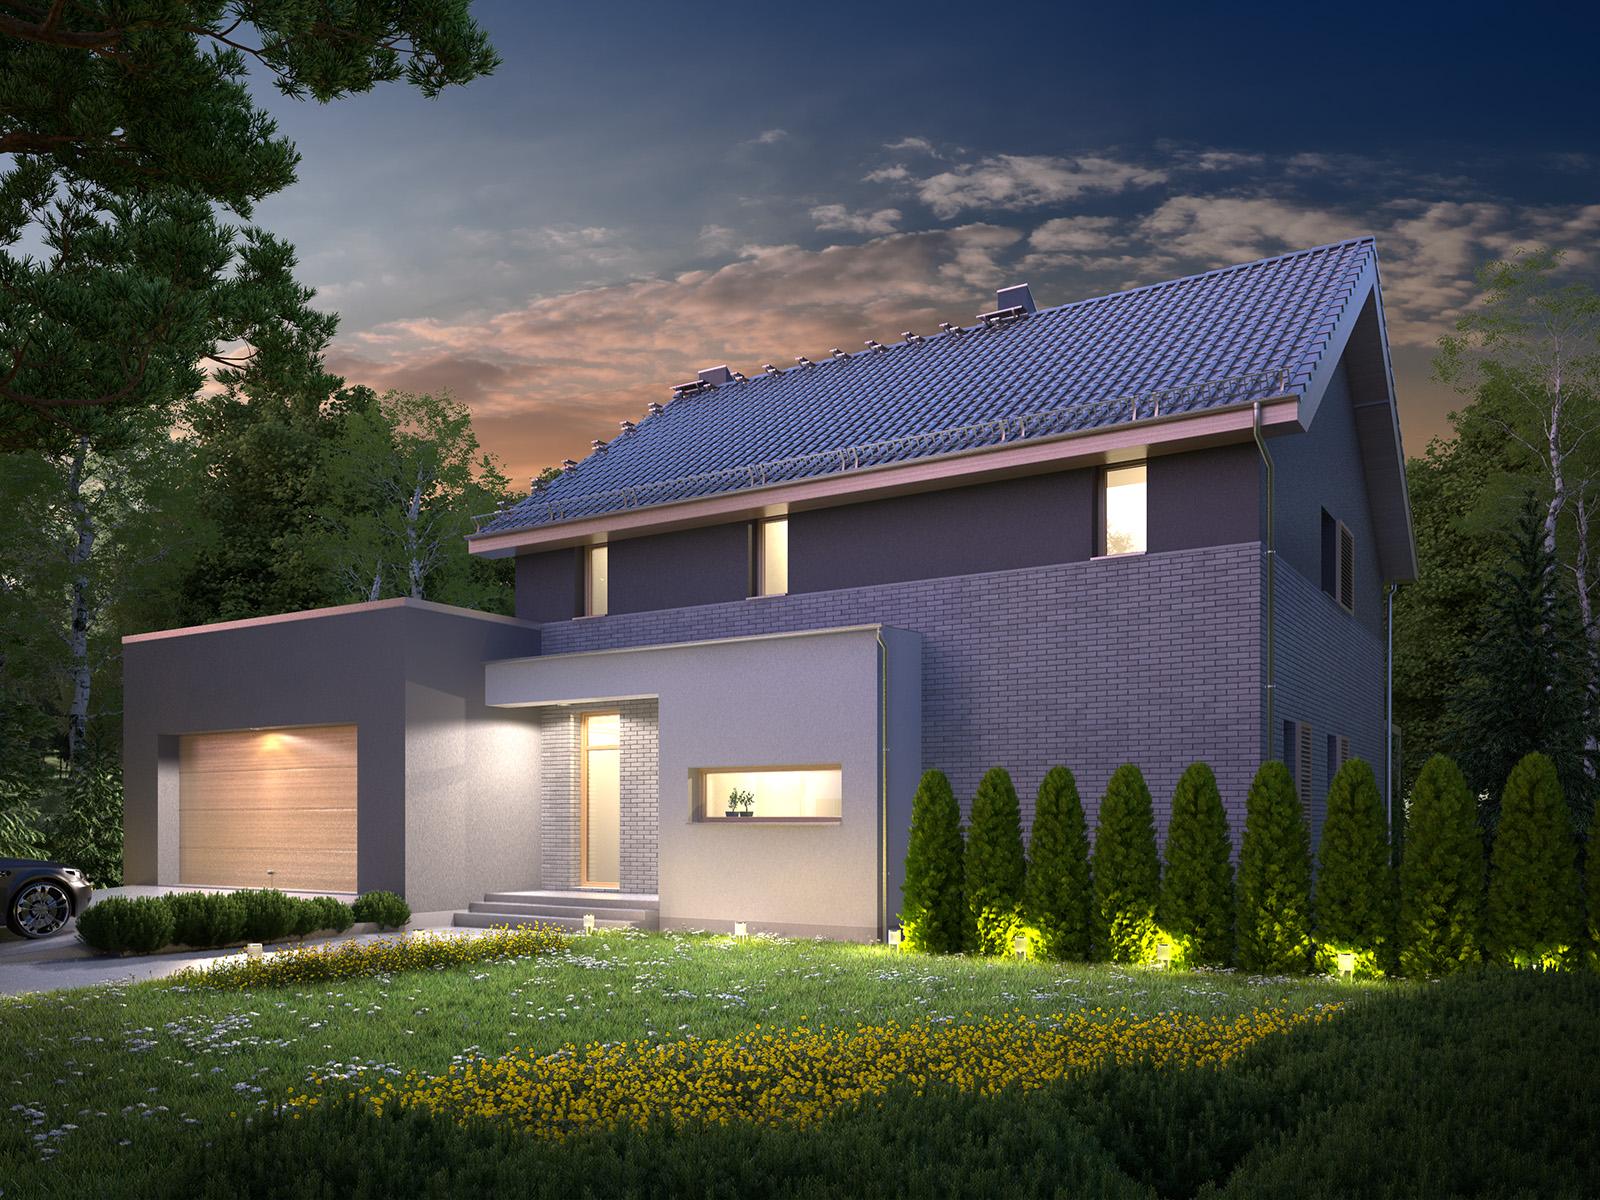 Projekt domu SIELSKI Domy Czystej Energii widok od frontu